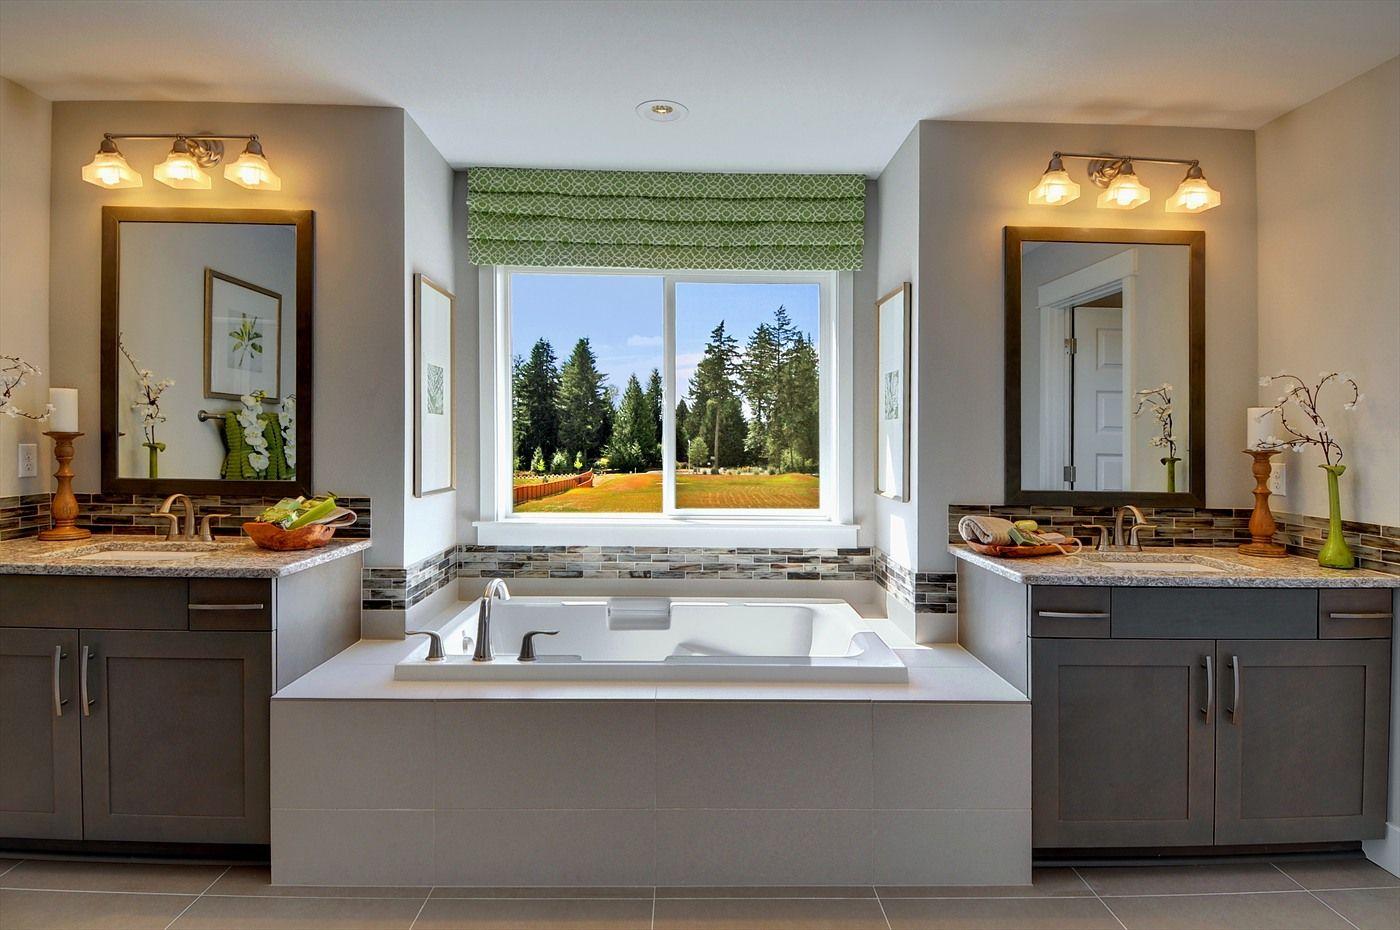 Master Bathrooms With Double Sink Vanities Master Bathrooms - His and hers bathroom sink